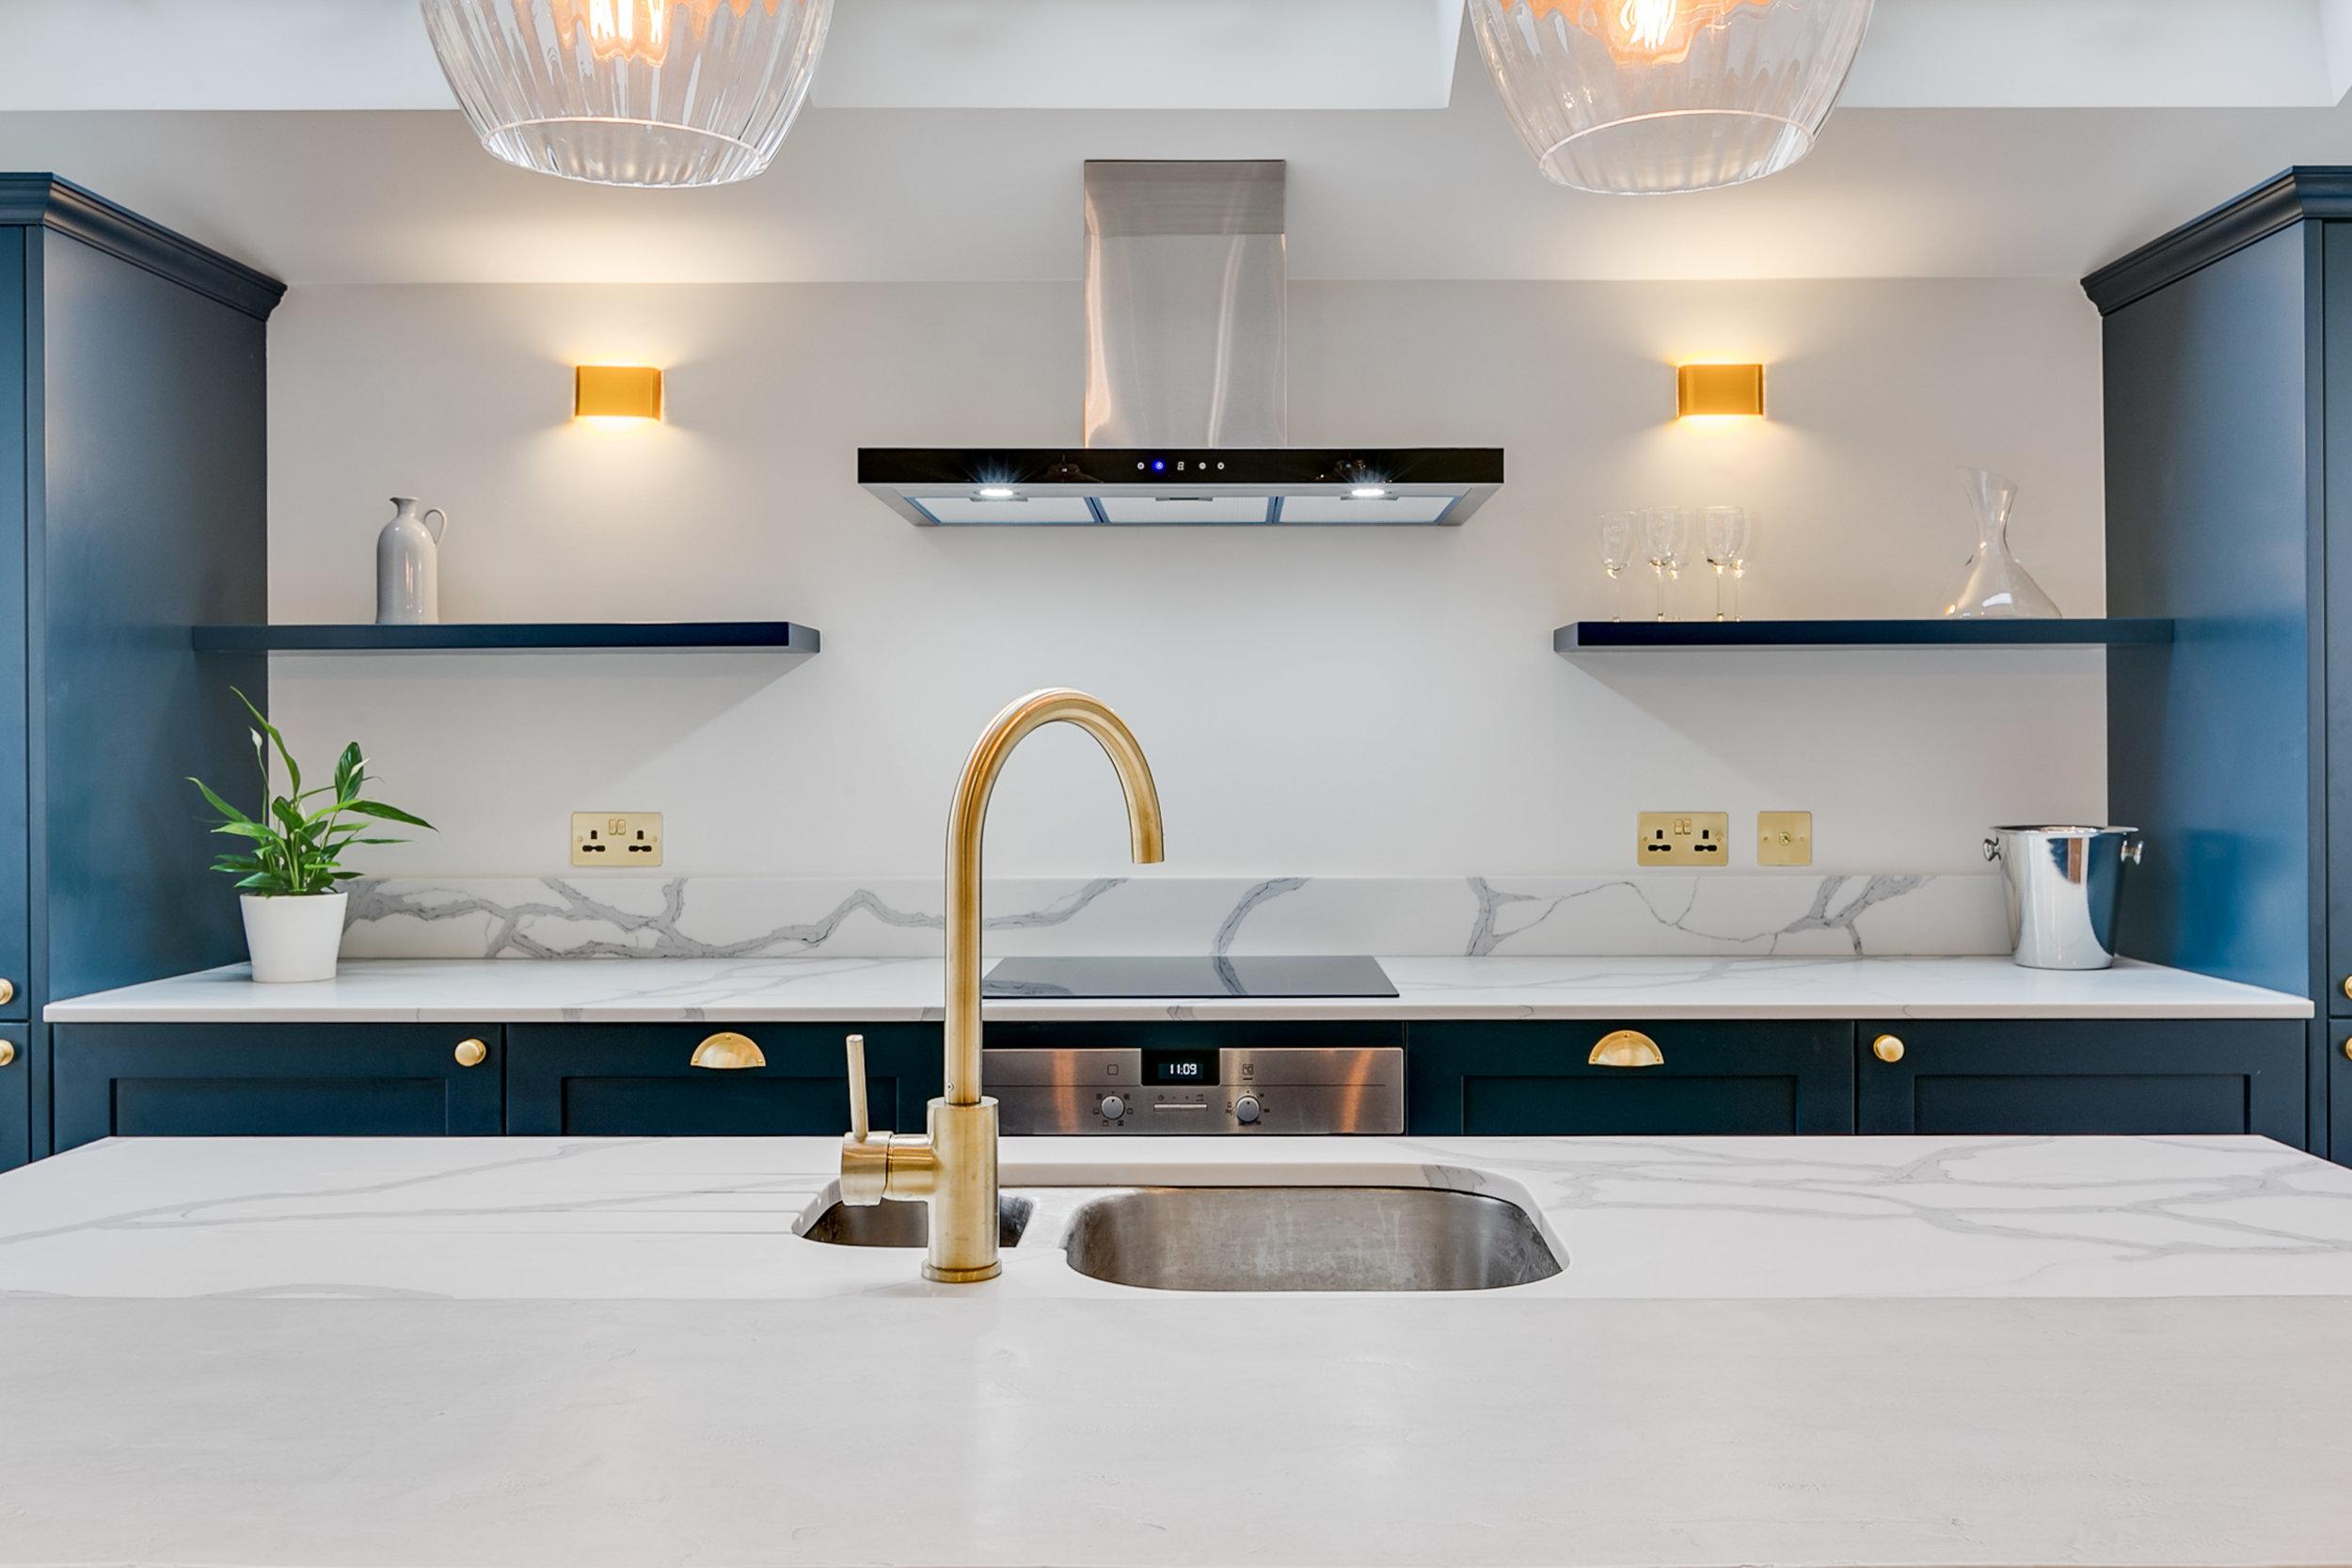 A_Kitchen 1.jpg